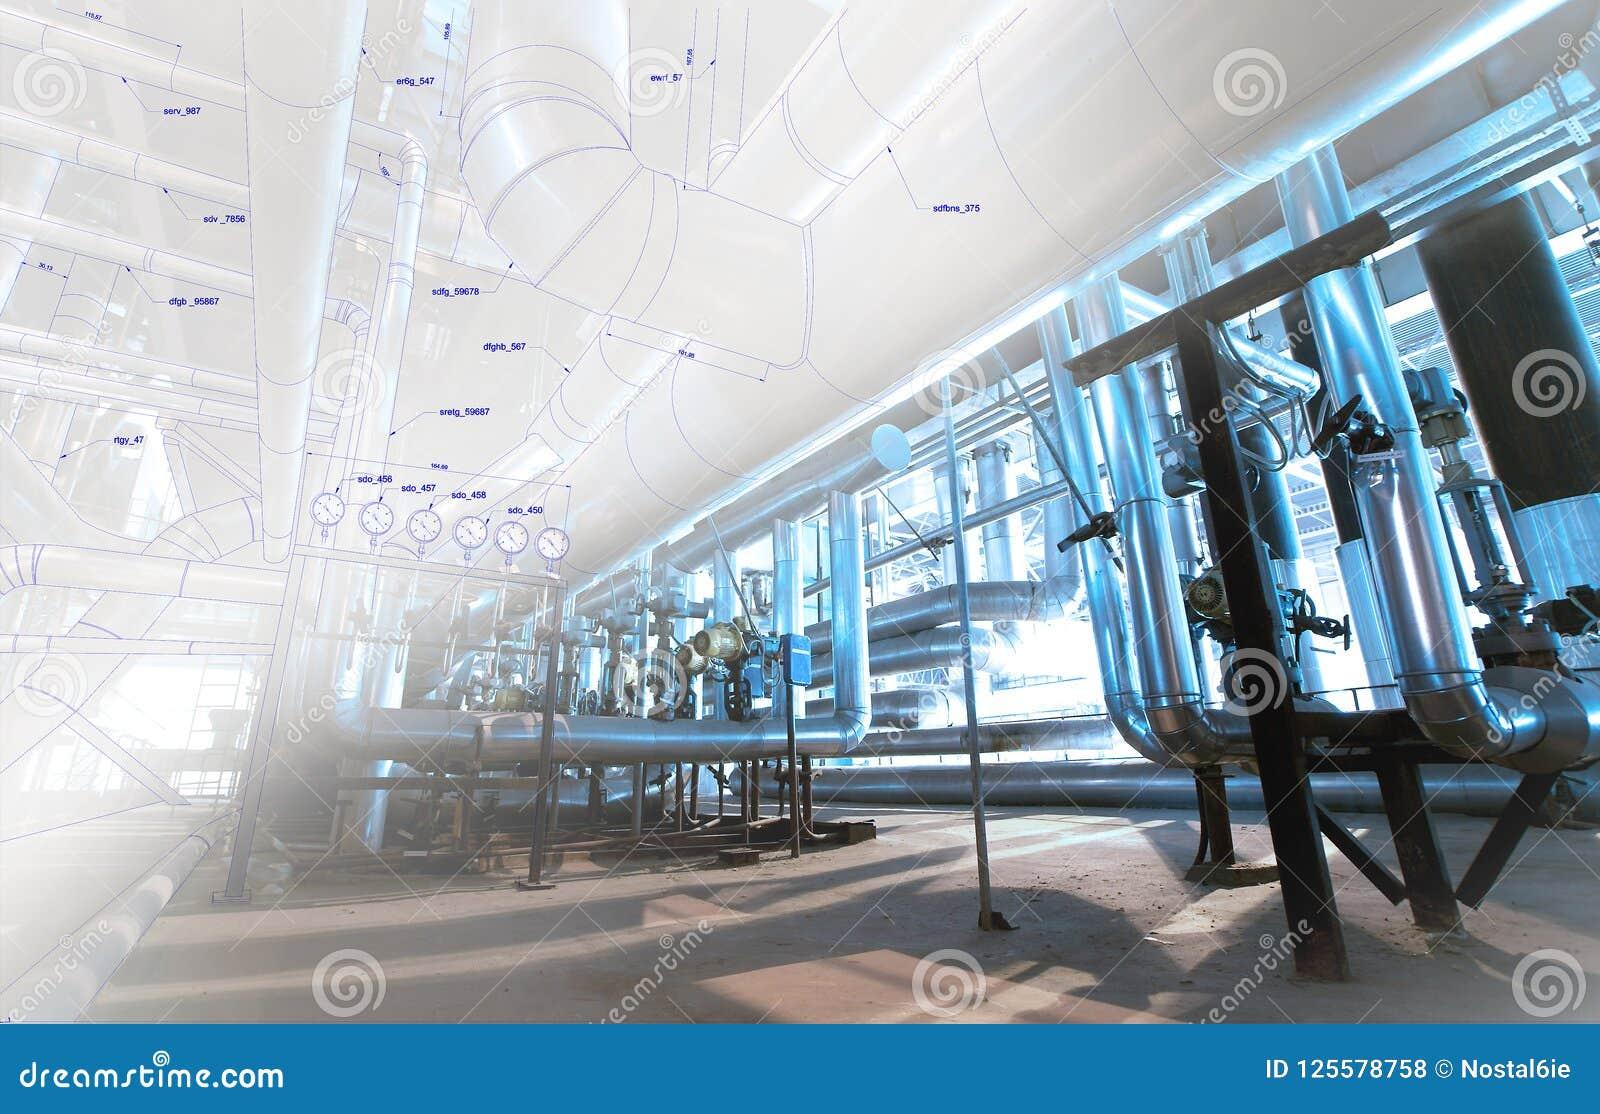 Wireframe chama projekta pojęcia komputerowy wizerunek przemysłowy dudkowanie ja